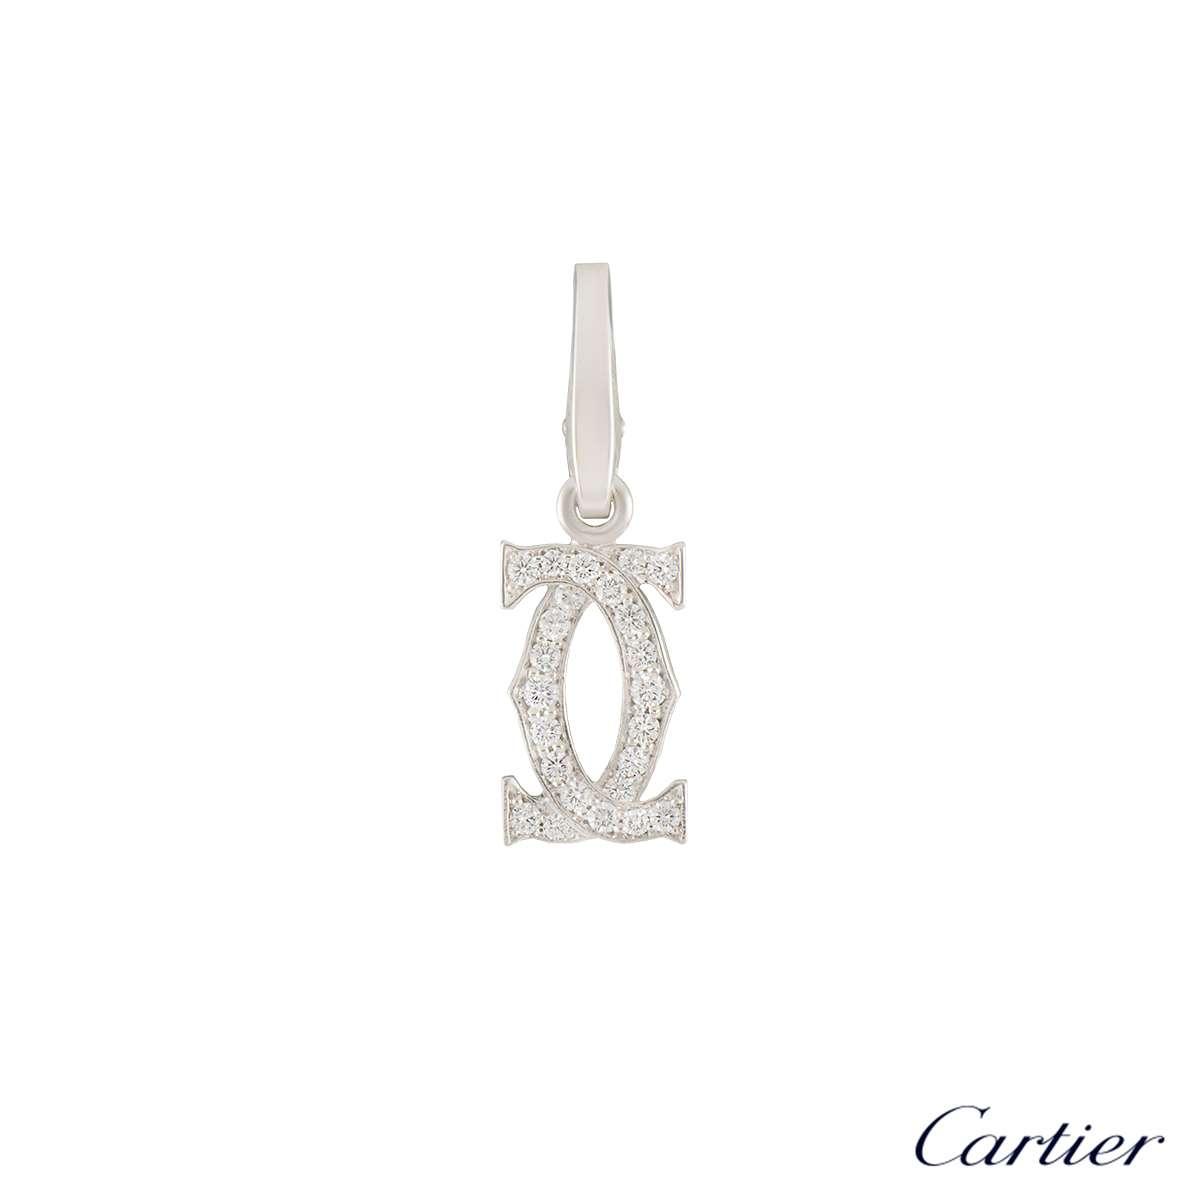 C de Cartier Diamond Charm Pendant